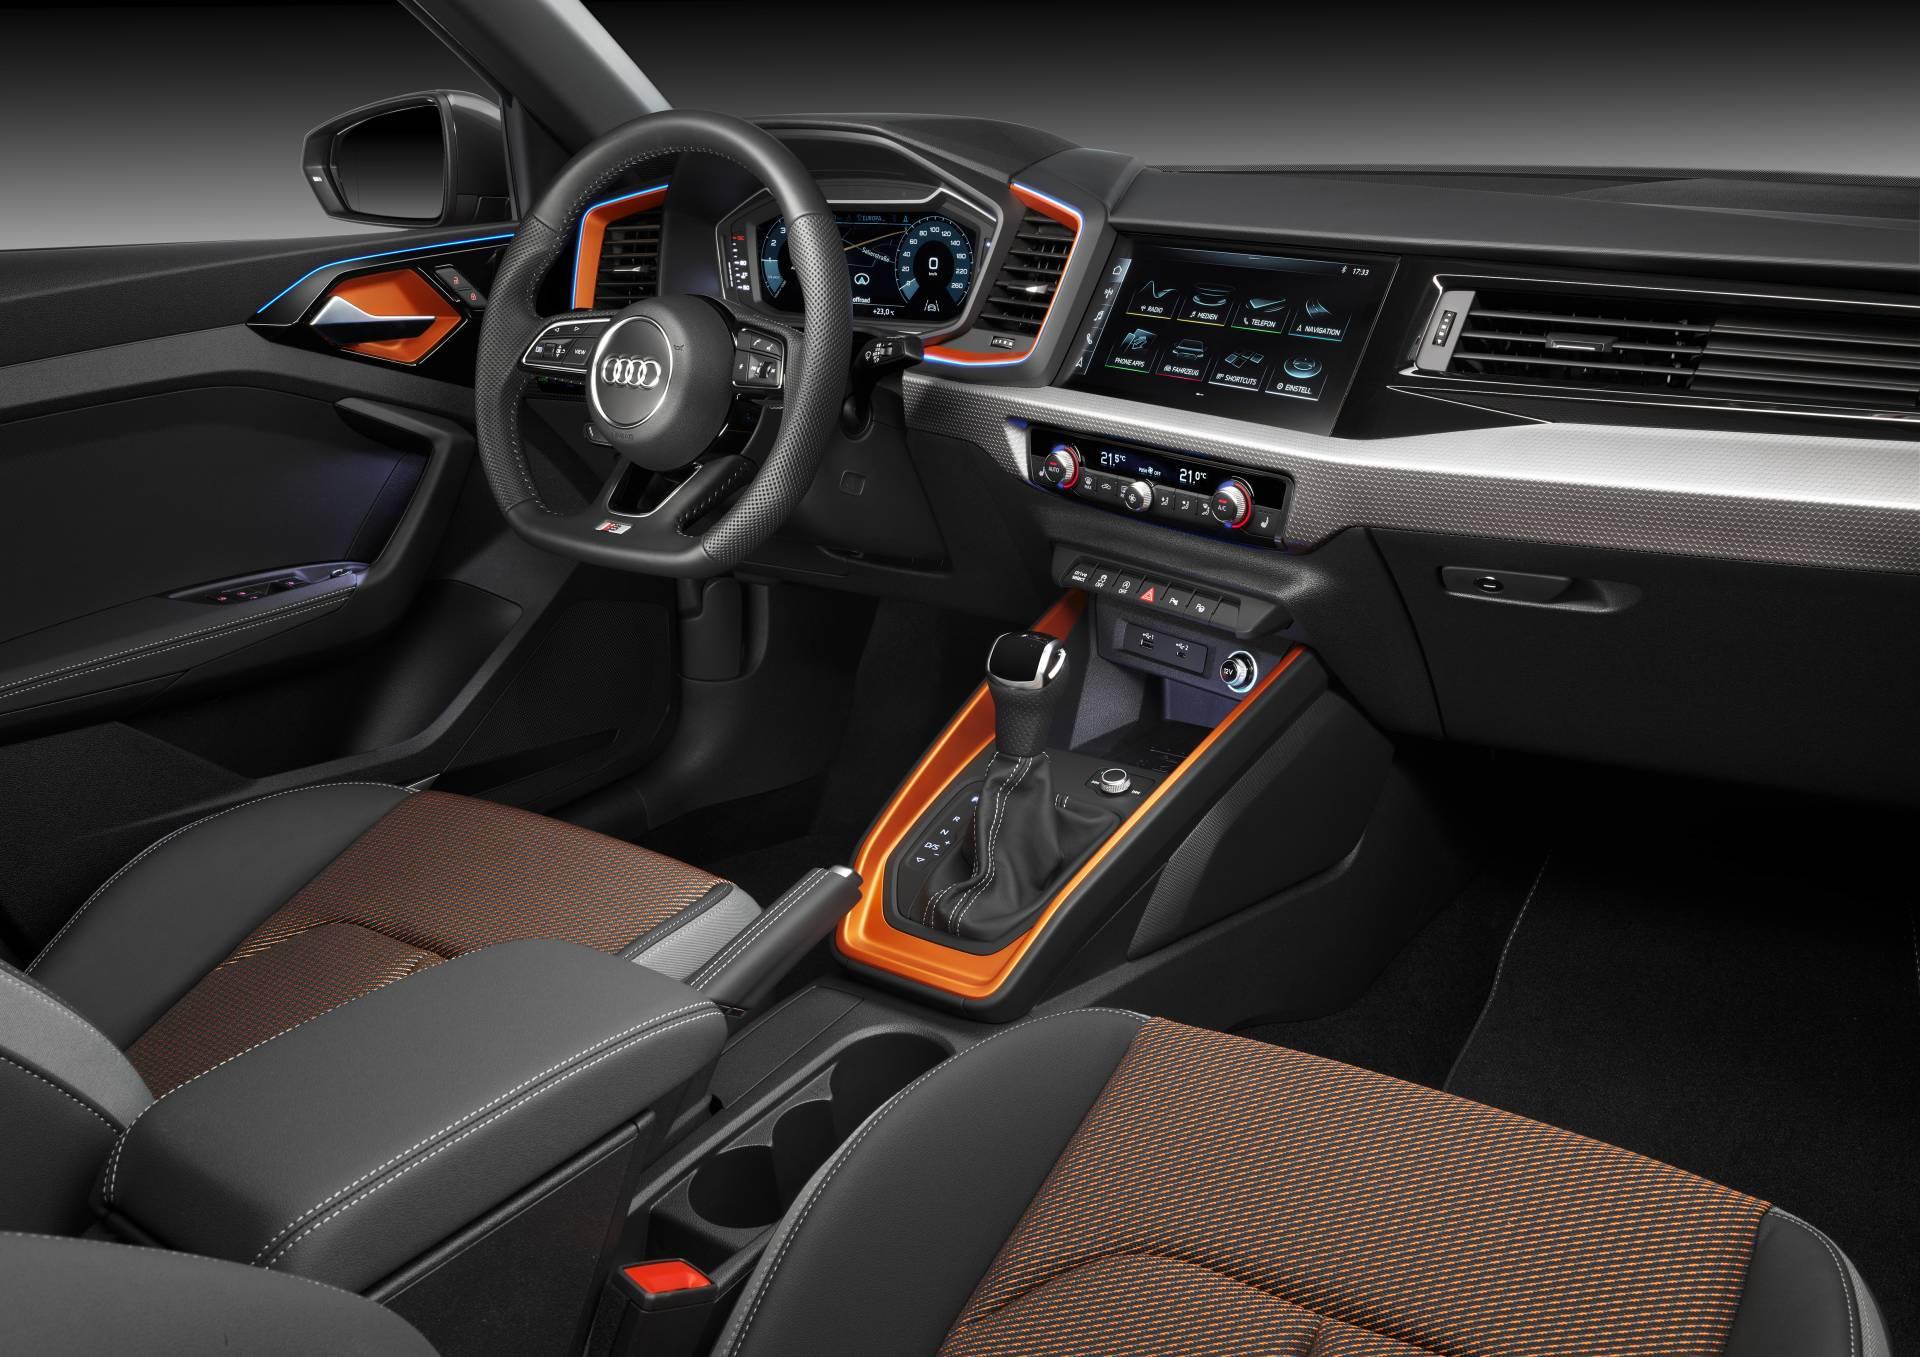 Audi A1 Citycarver 2020 ra mắt phiên bản hatchback gầm cao, tiện dụng cho đô thị - 8